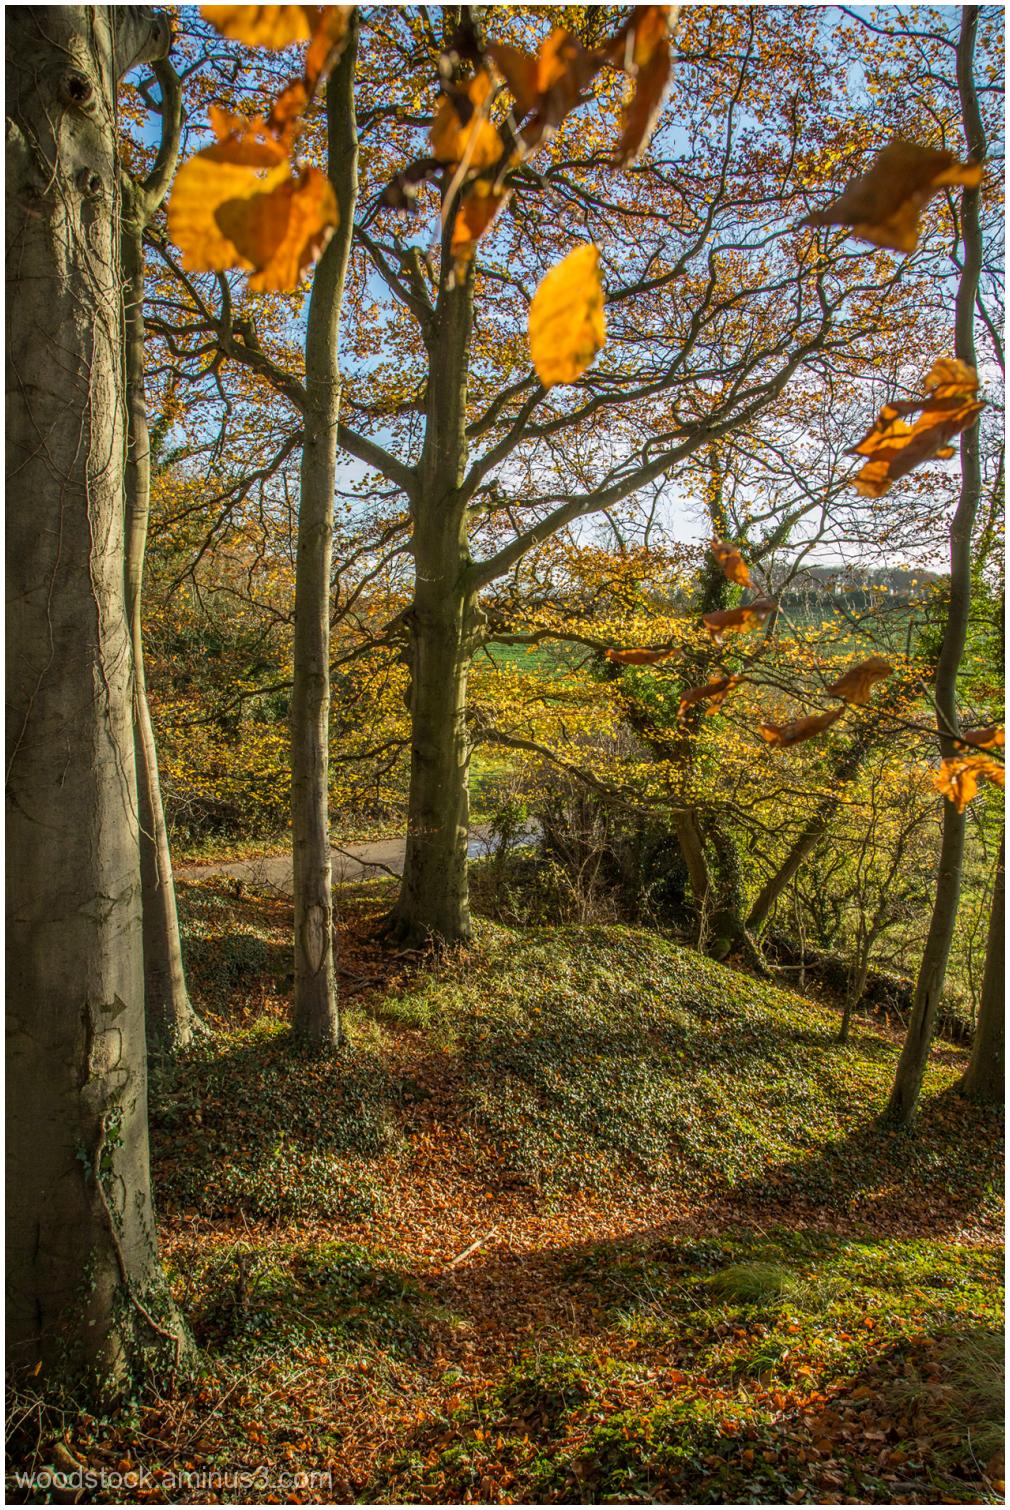 Near Coates, Gloucestershire